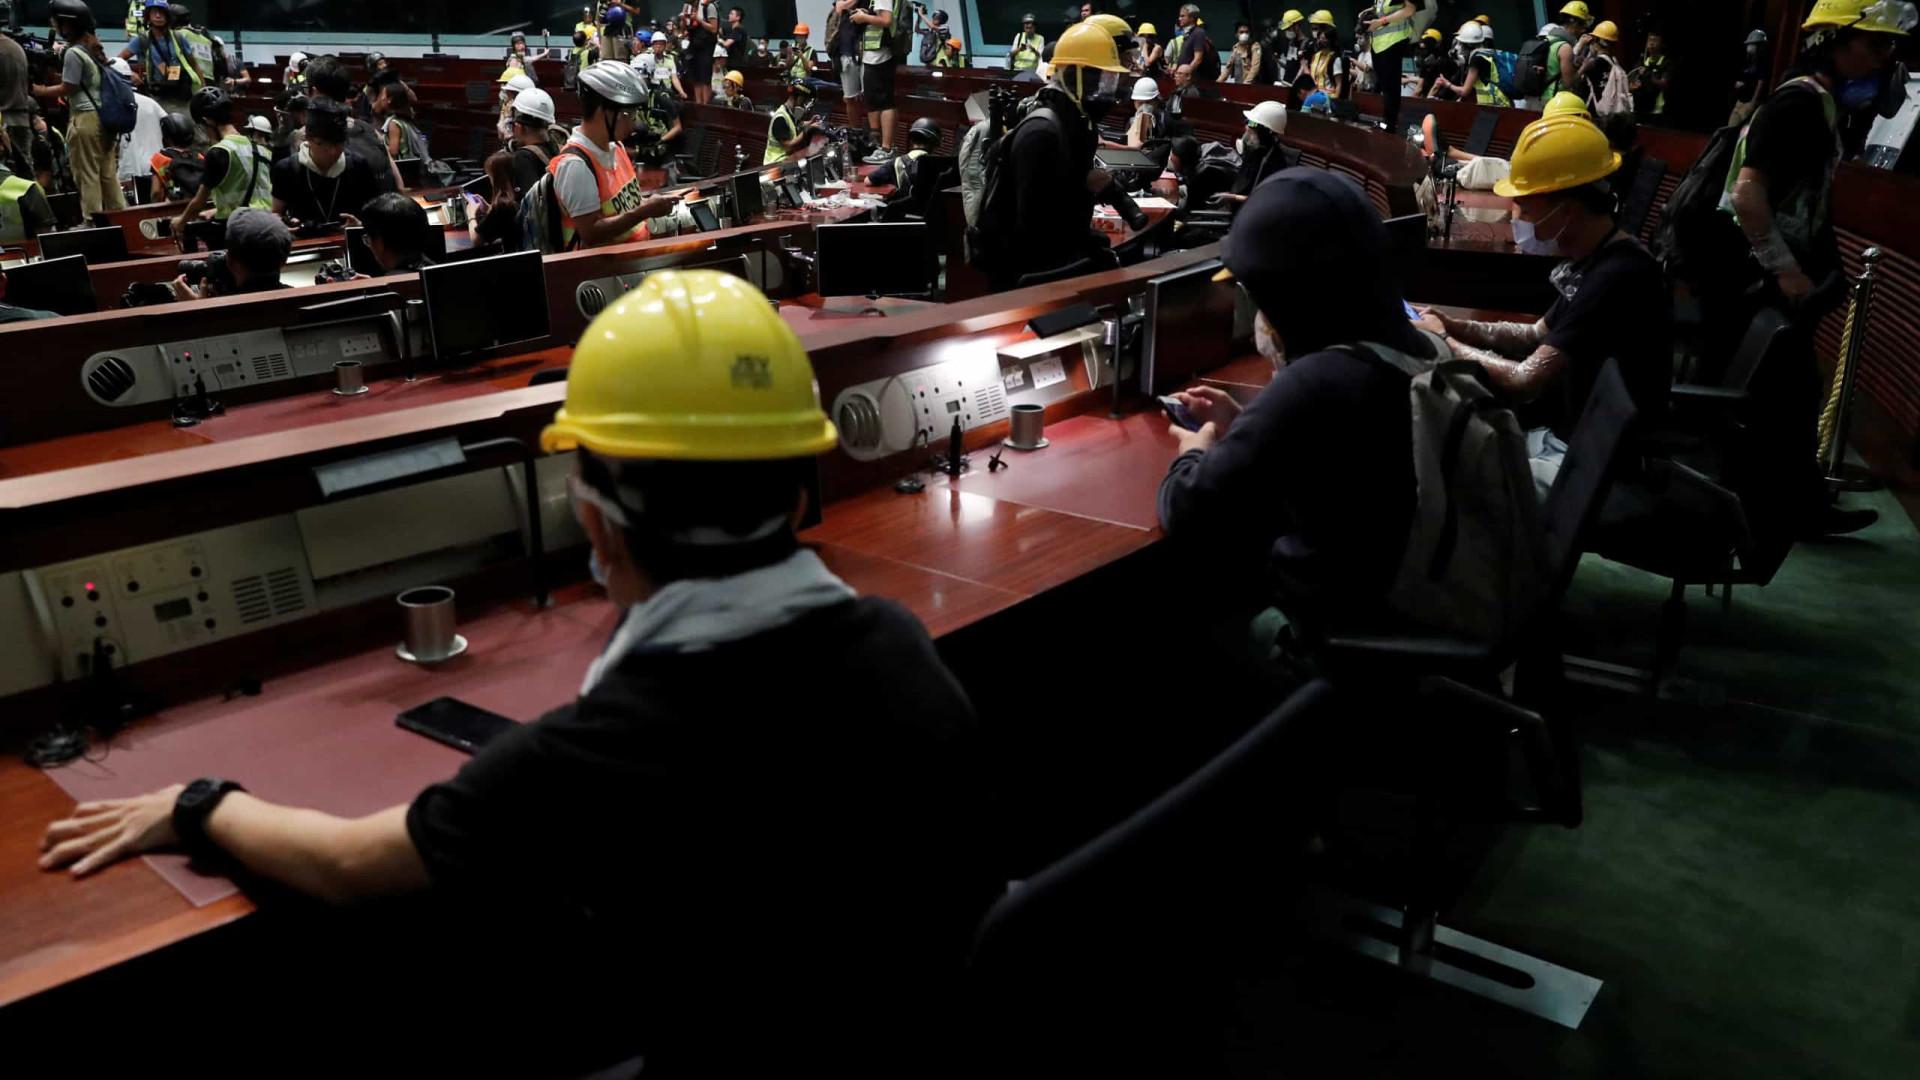 Polícia de Hong Kong obriga manifestantes a sair prédio do Legislativo